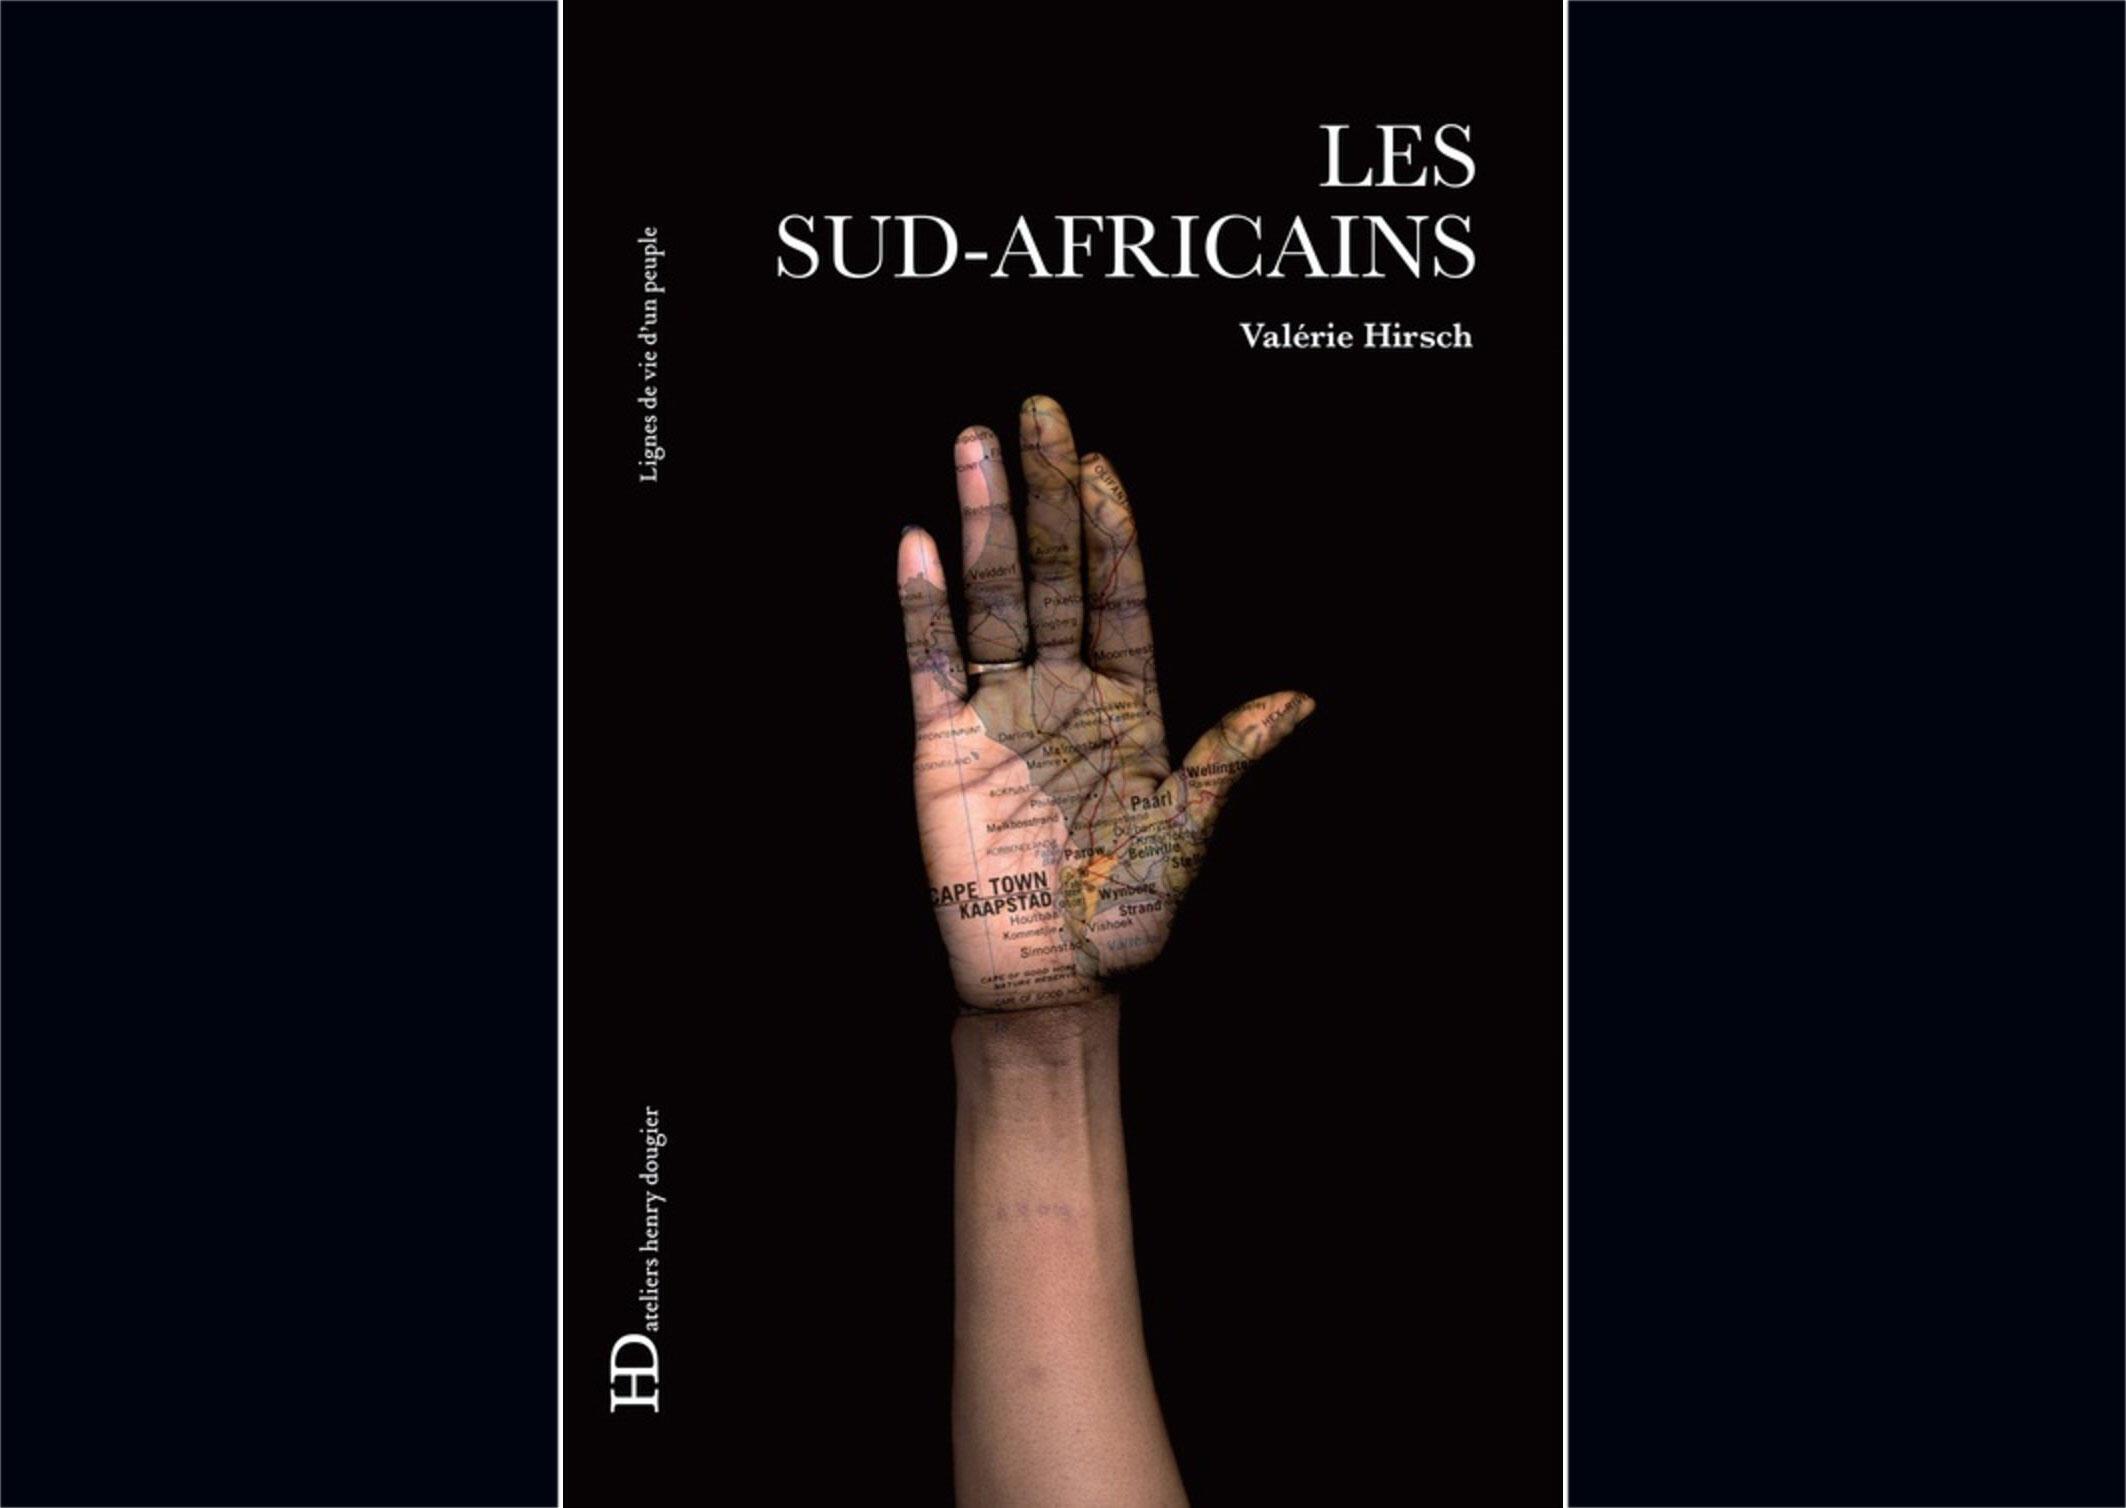 <i>Les Sud-Africains, </i>de l'auteure Valérie Hirsch, auteure, publié aux Ateliers Henry Dougier.